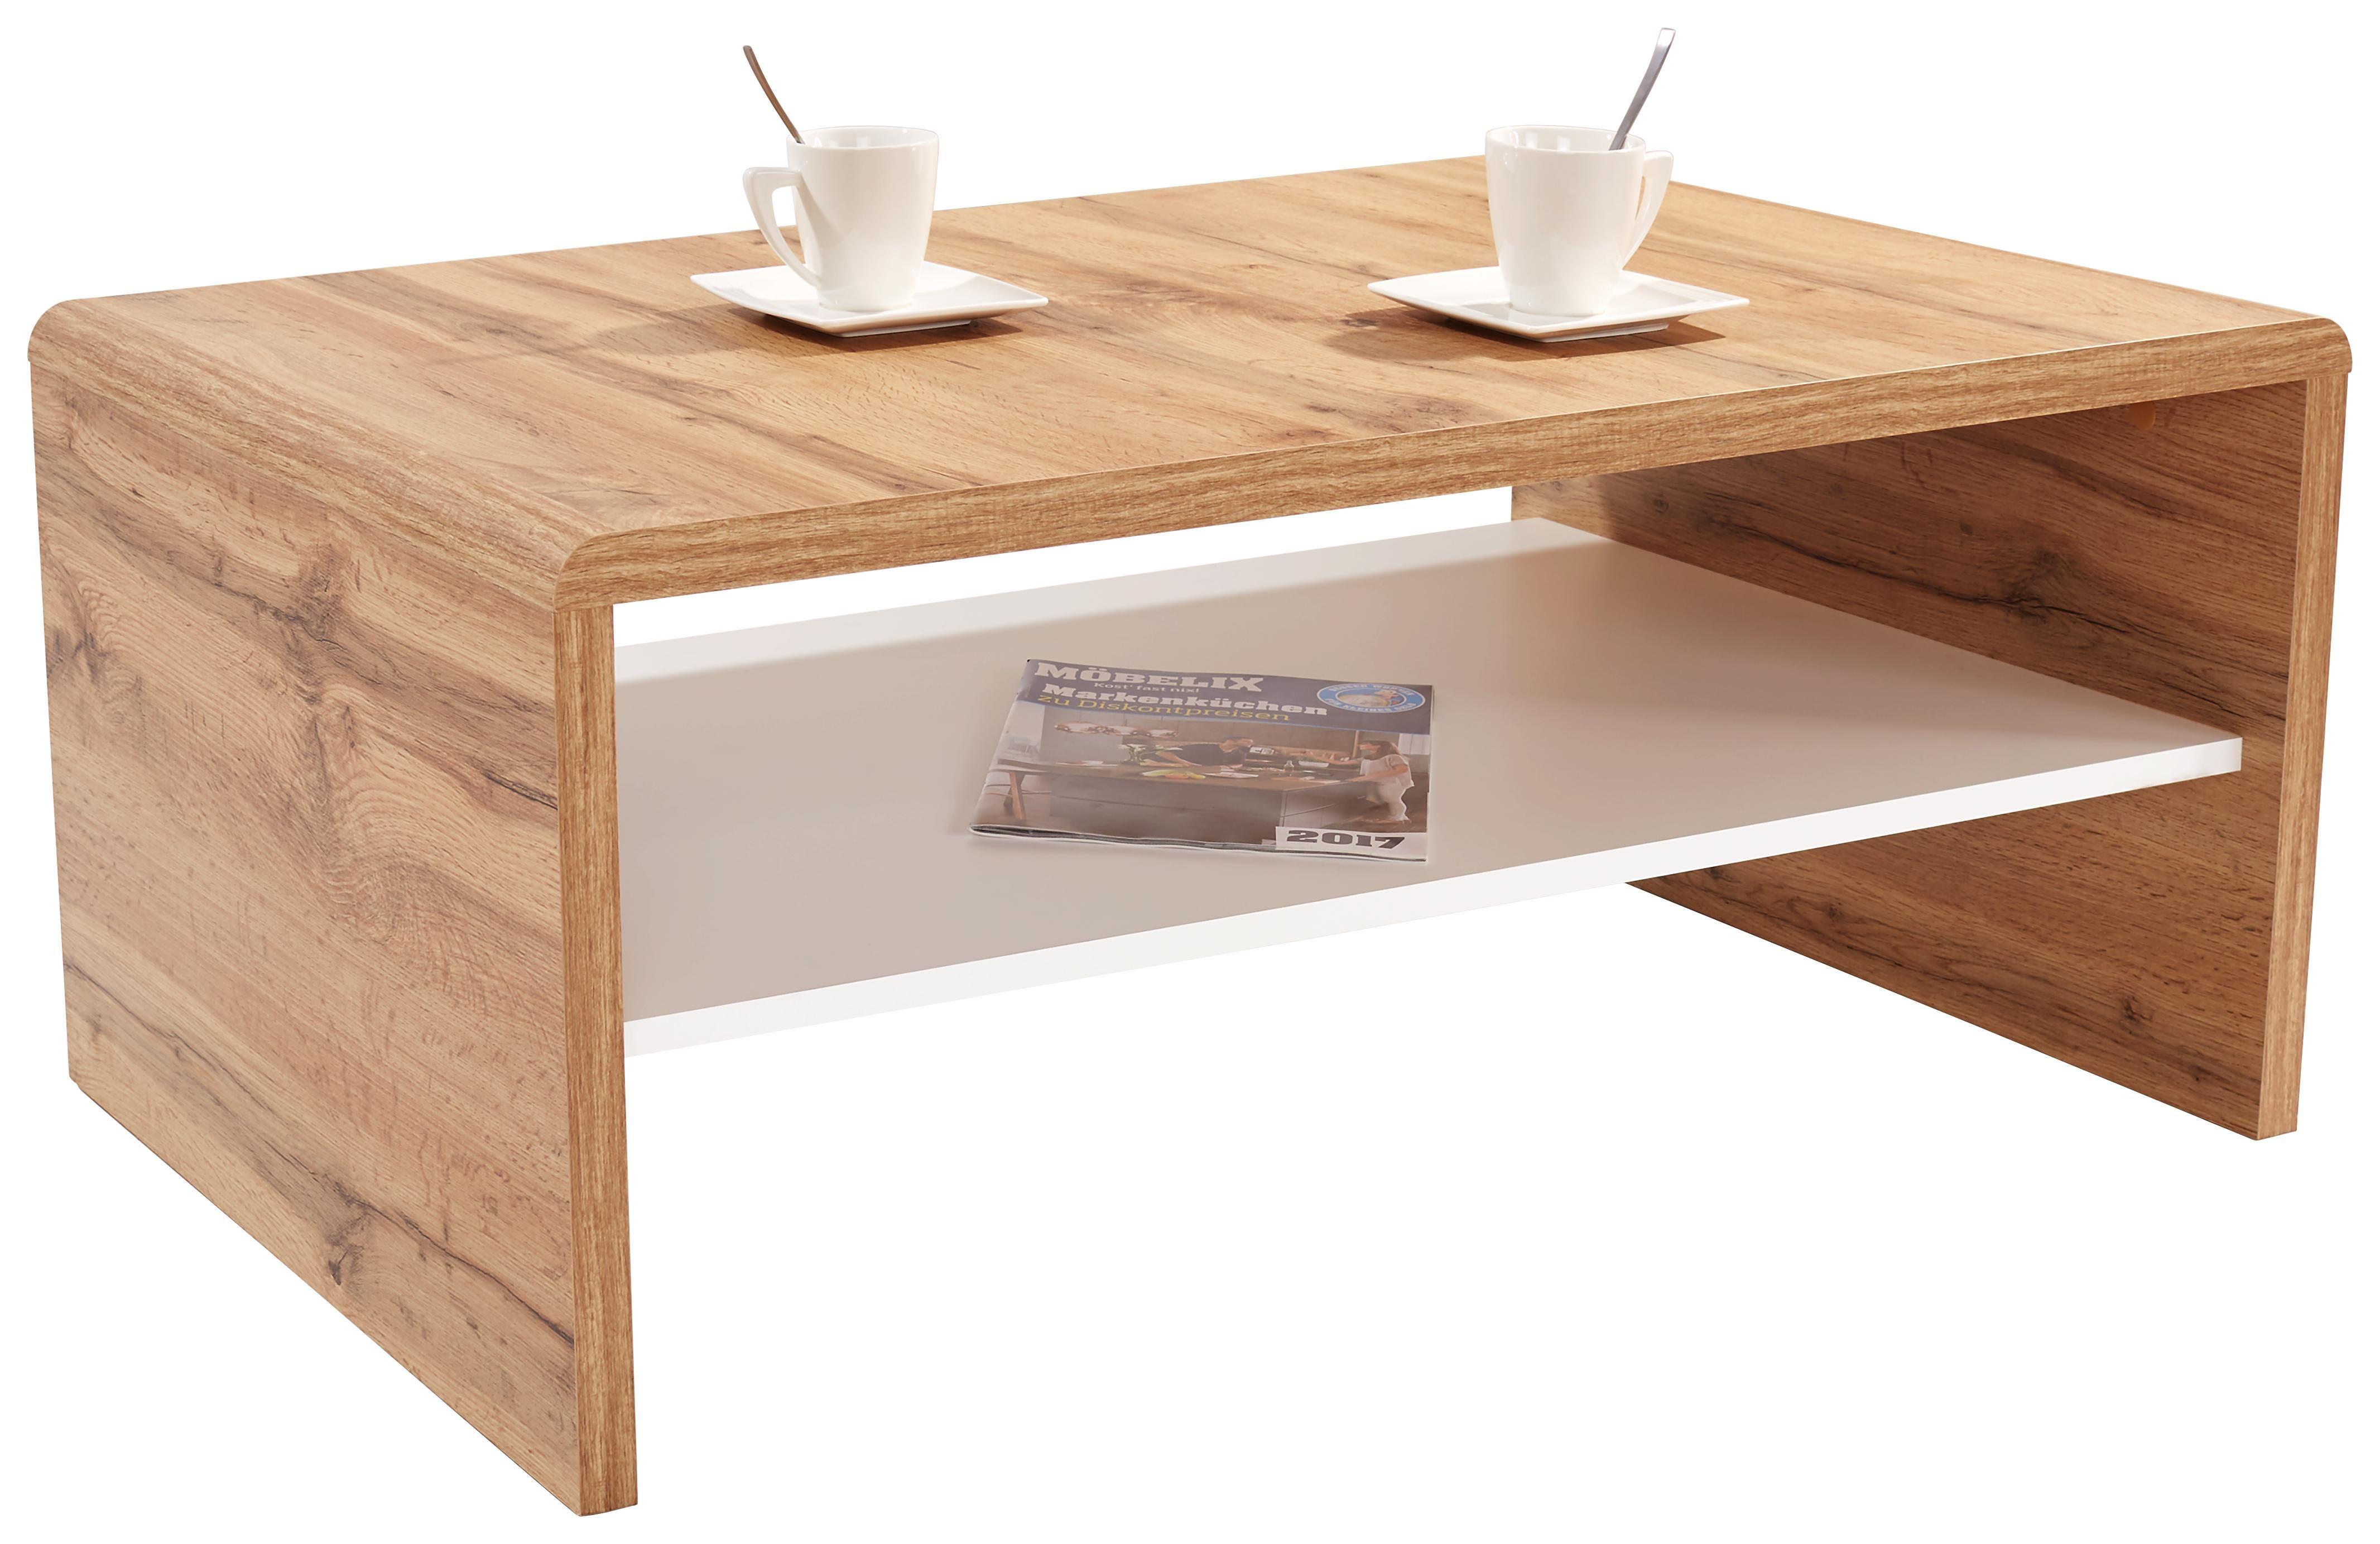 Konferenční Stolek Cala Luna - bílá/tmavě hnědá, Moderní, kompozitní dřevo (100/40/59cm)